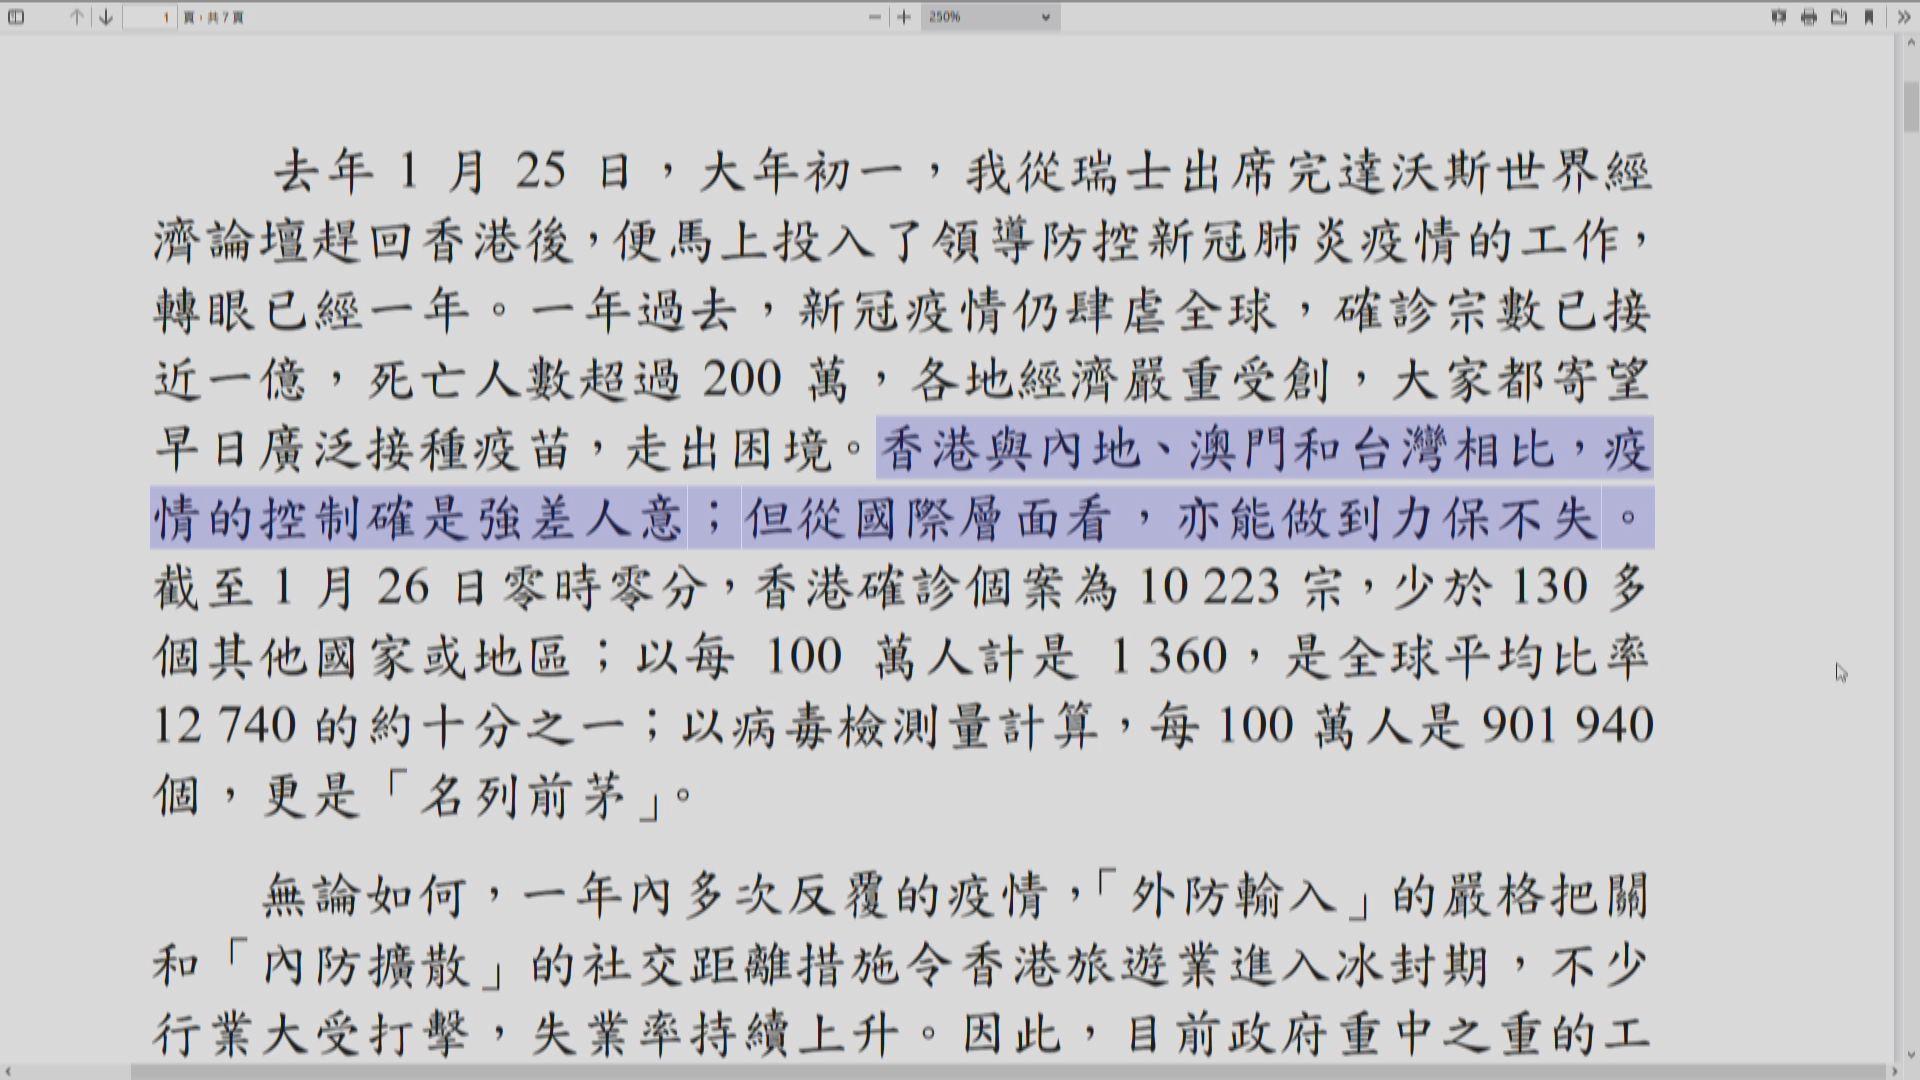 林鄭總結抗疫經驗 指國際層面看香港是力保不失